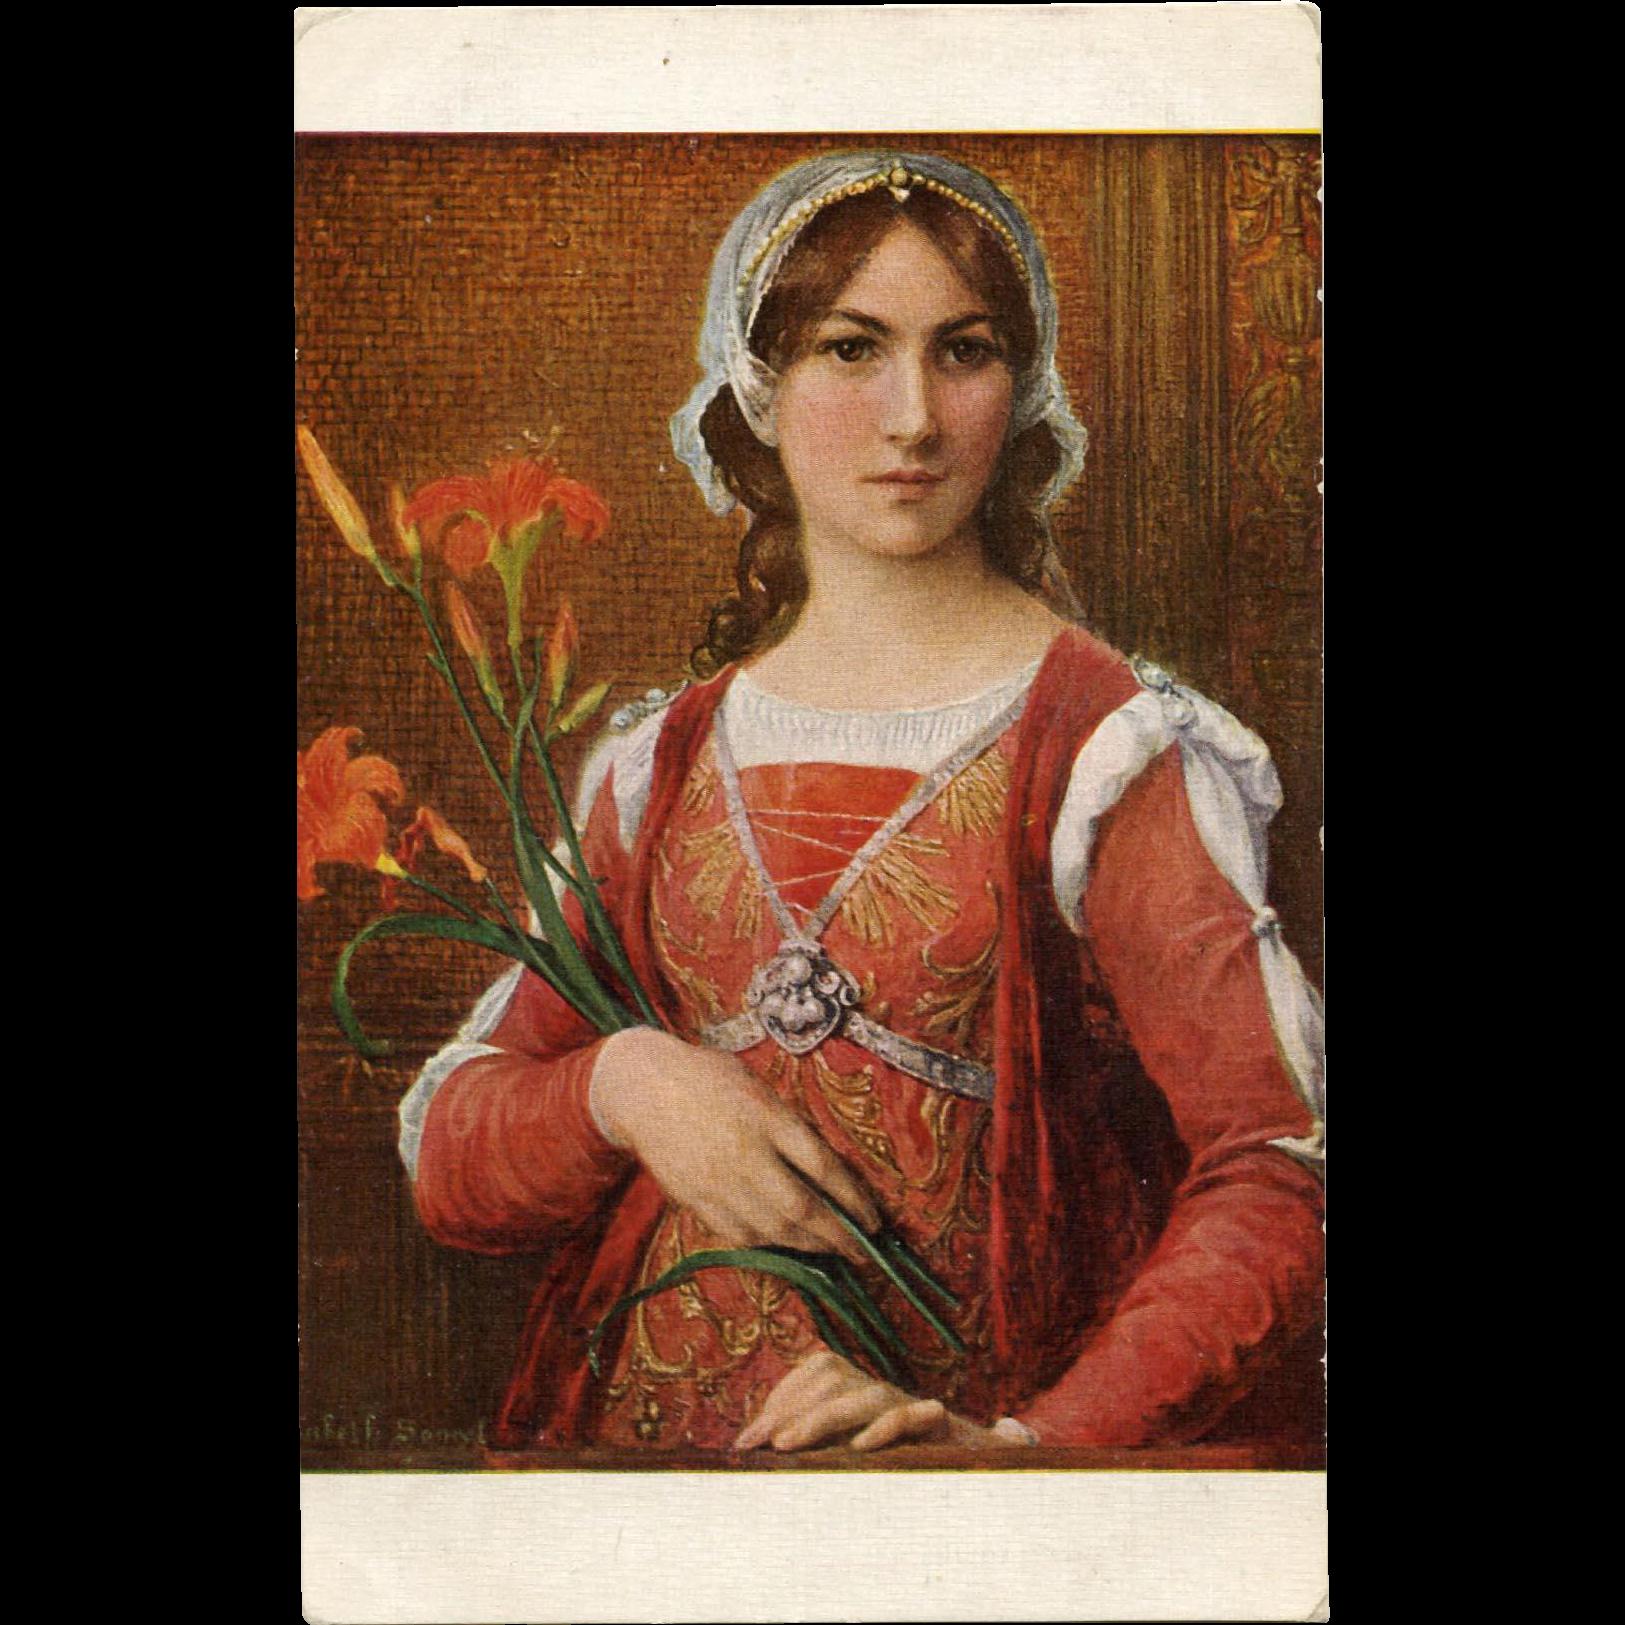 Elisabeth sonrel salon de paris florentine princess for Salon de paris